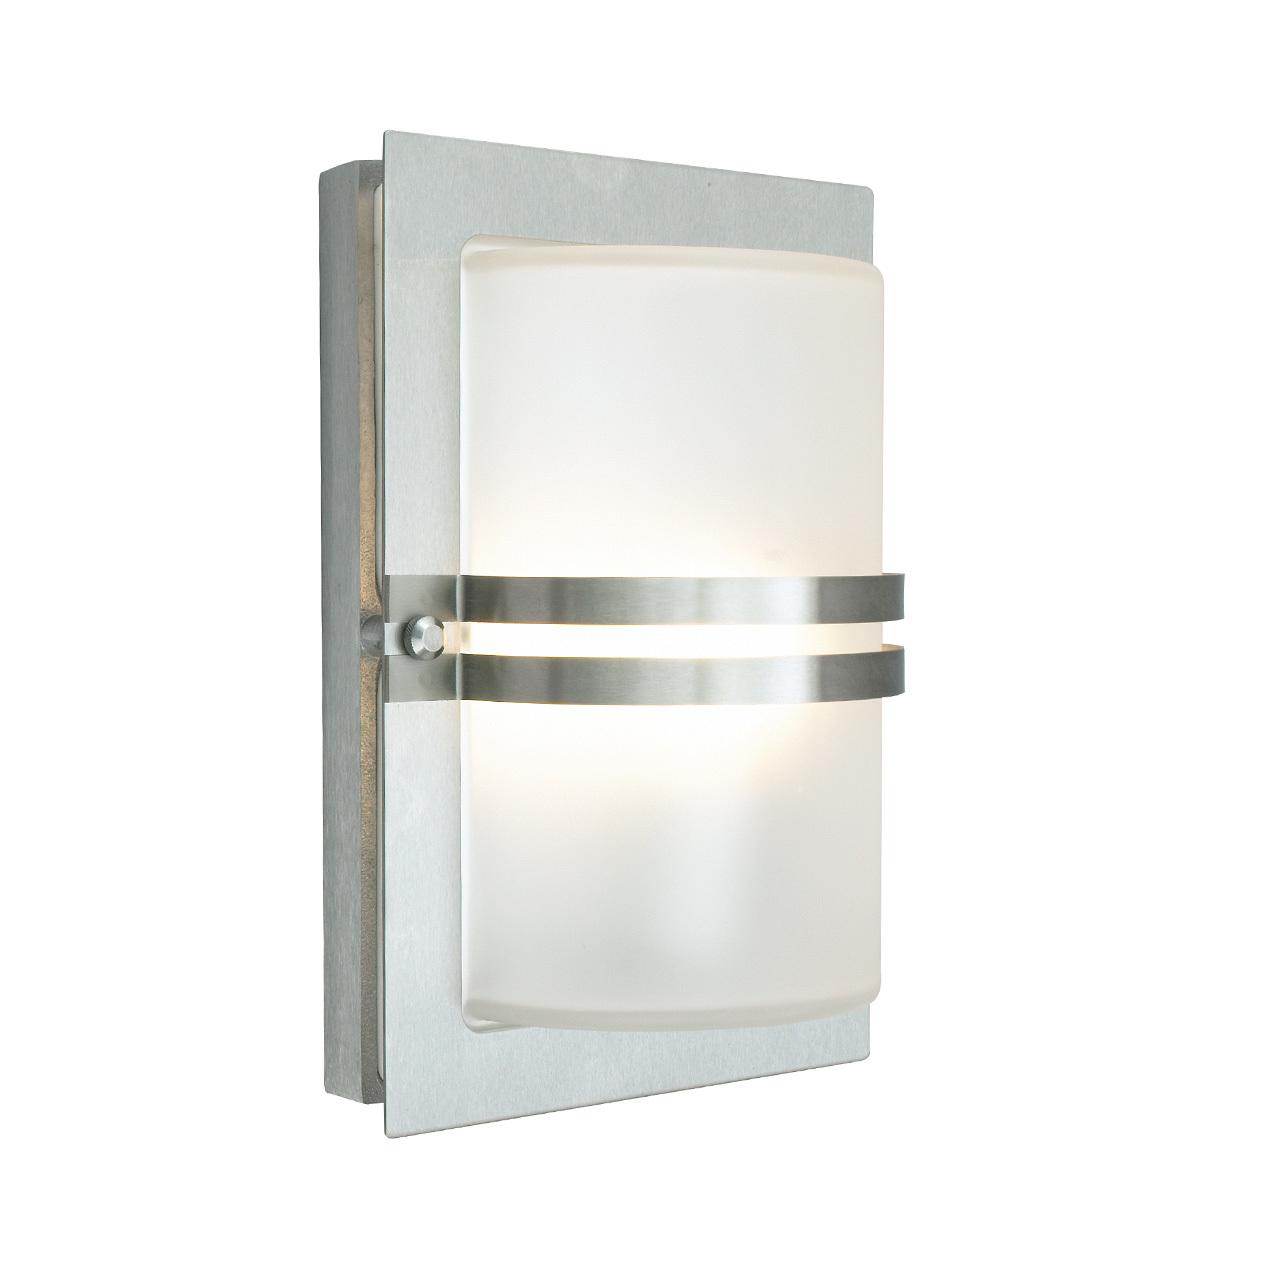 Lampa ścienna BASEL 661ST -Norlys  SPRAWDŹ RABATY  5-10-15-20 % w koszyku